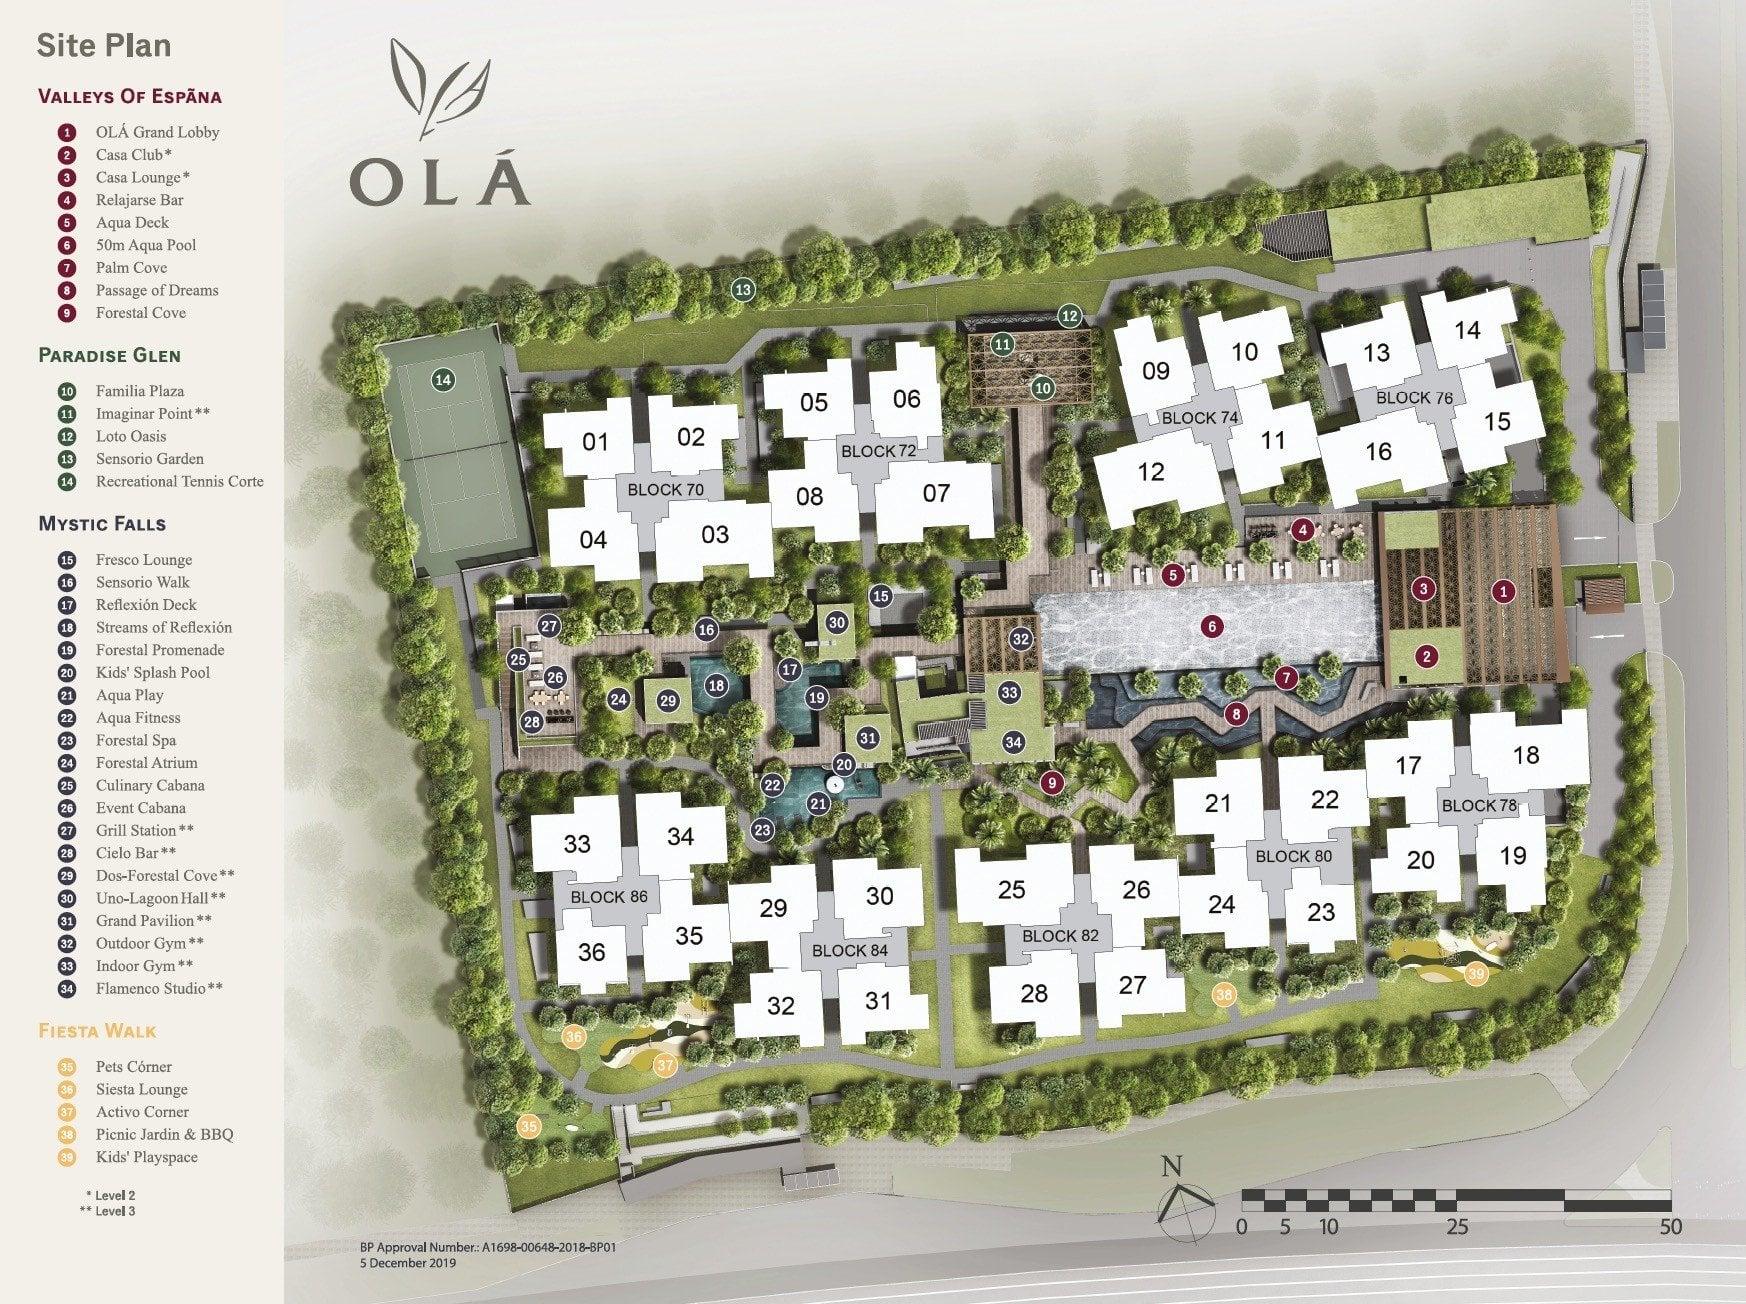 OLA site plan